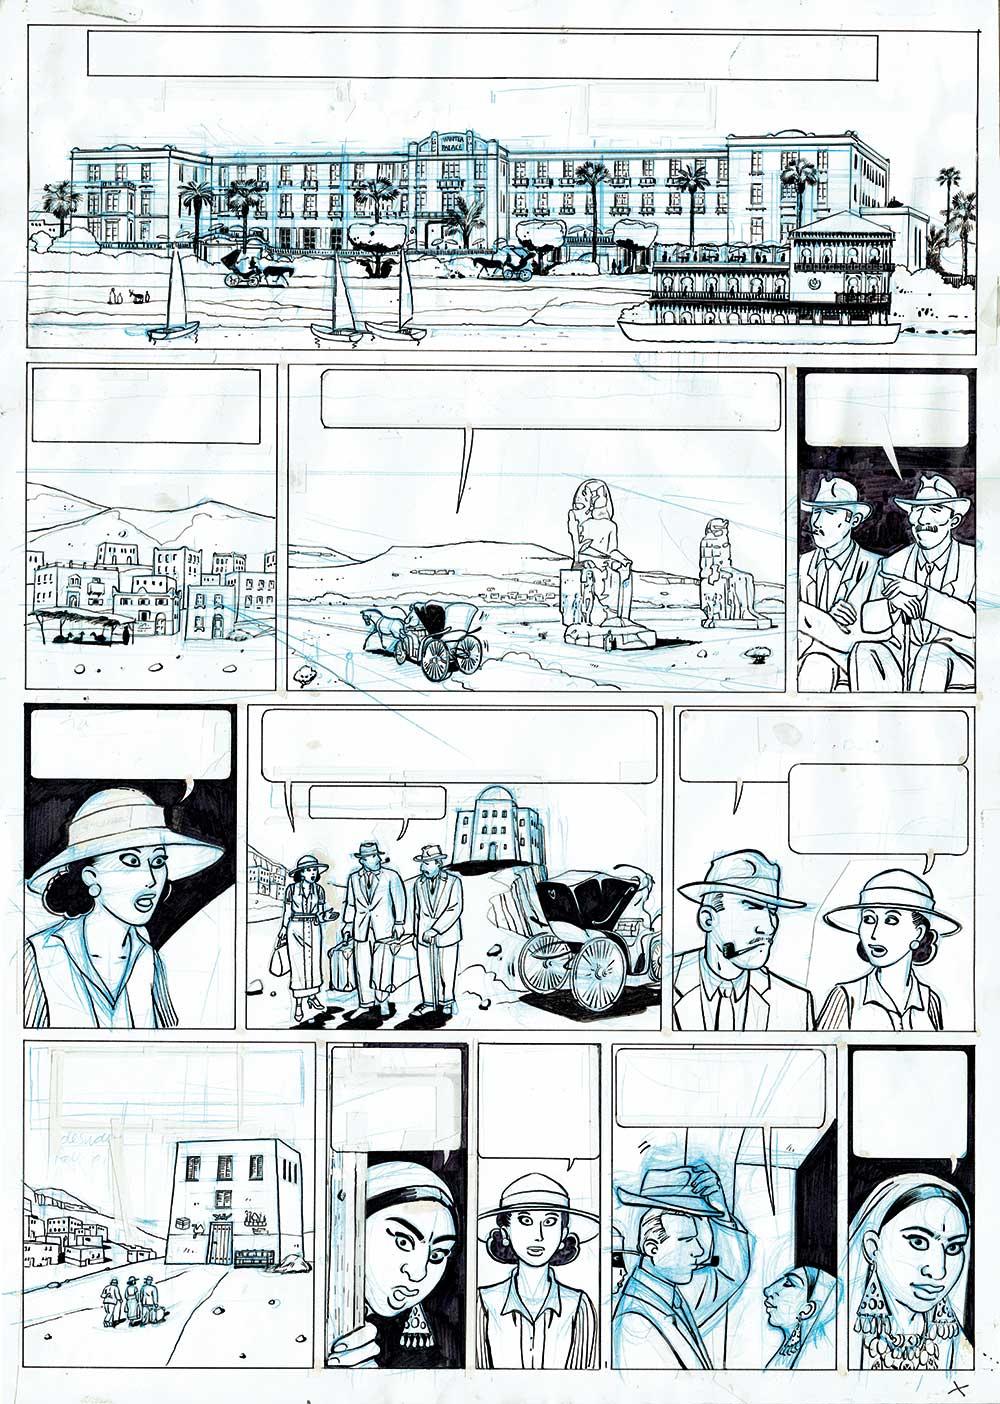 Sussi Bech kvinder i tegneserier stærke tegneseriekvinder